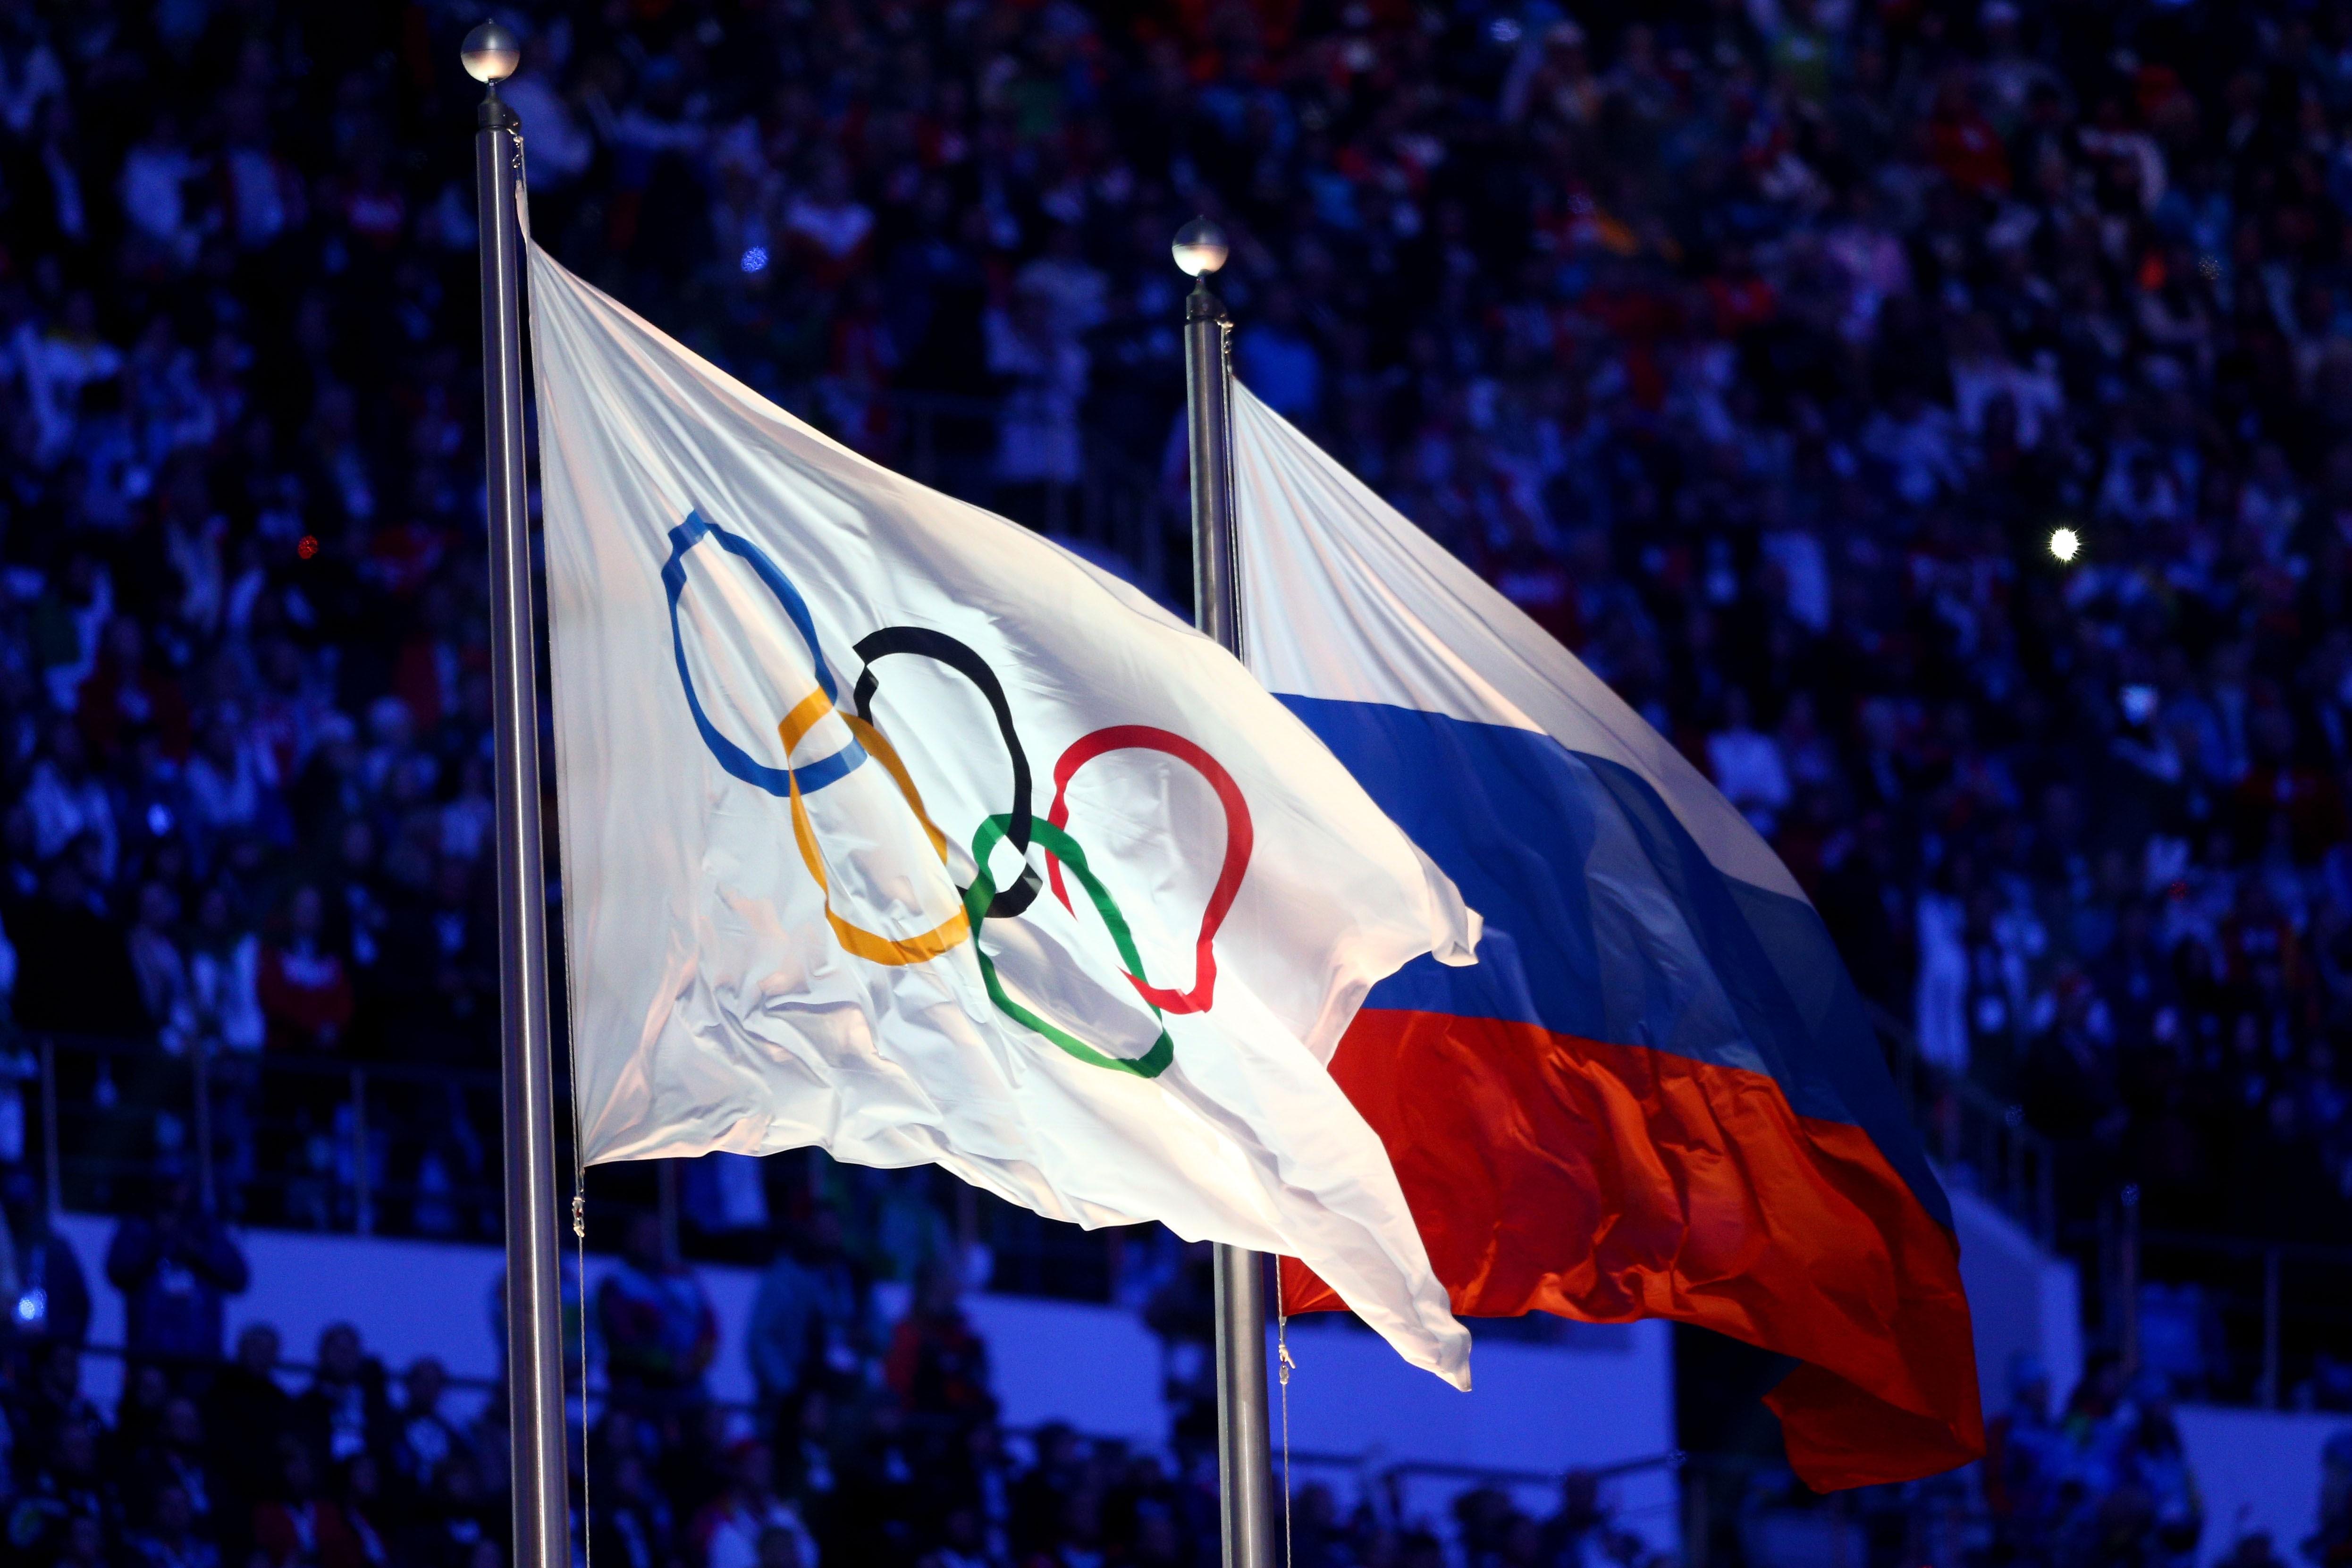 Olimpiyat bayrağı ve Rusya bayrağı